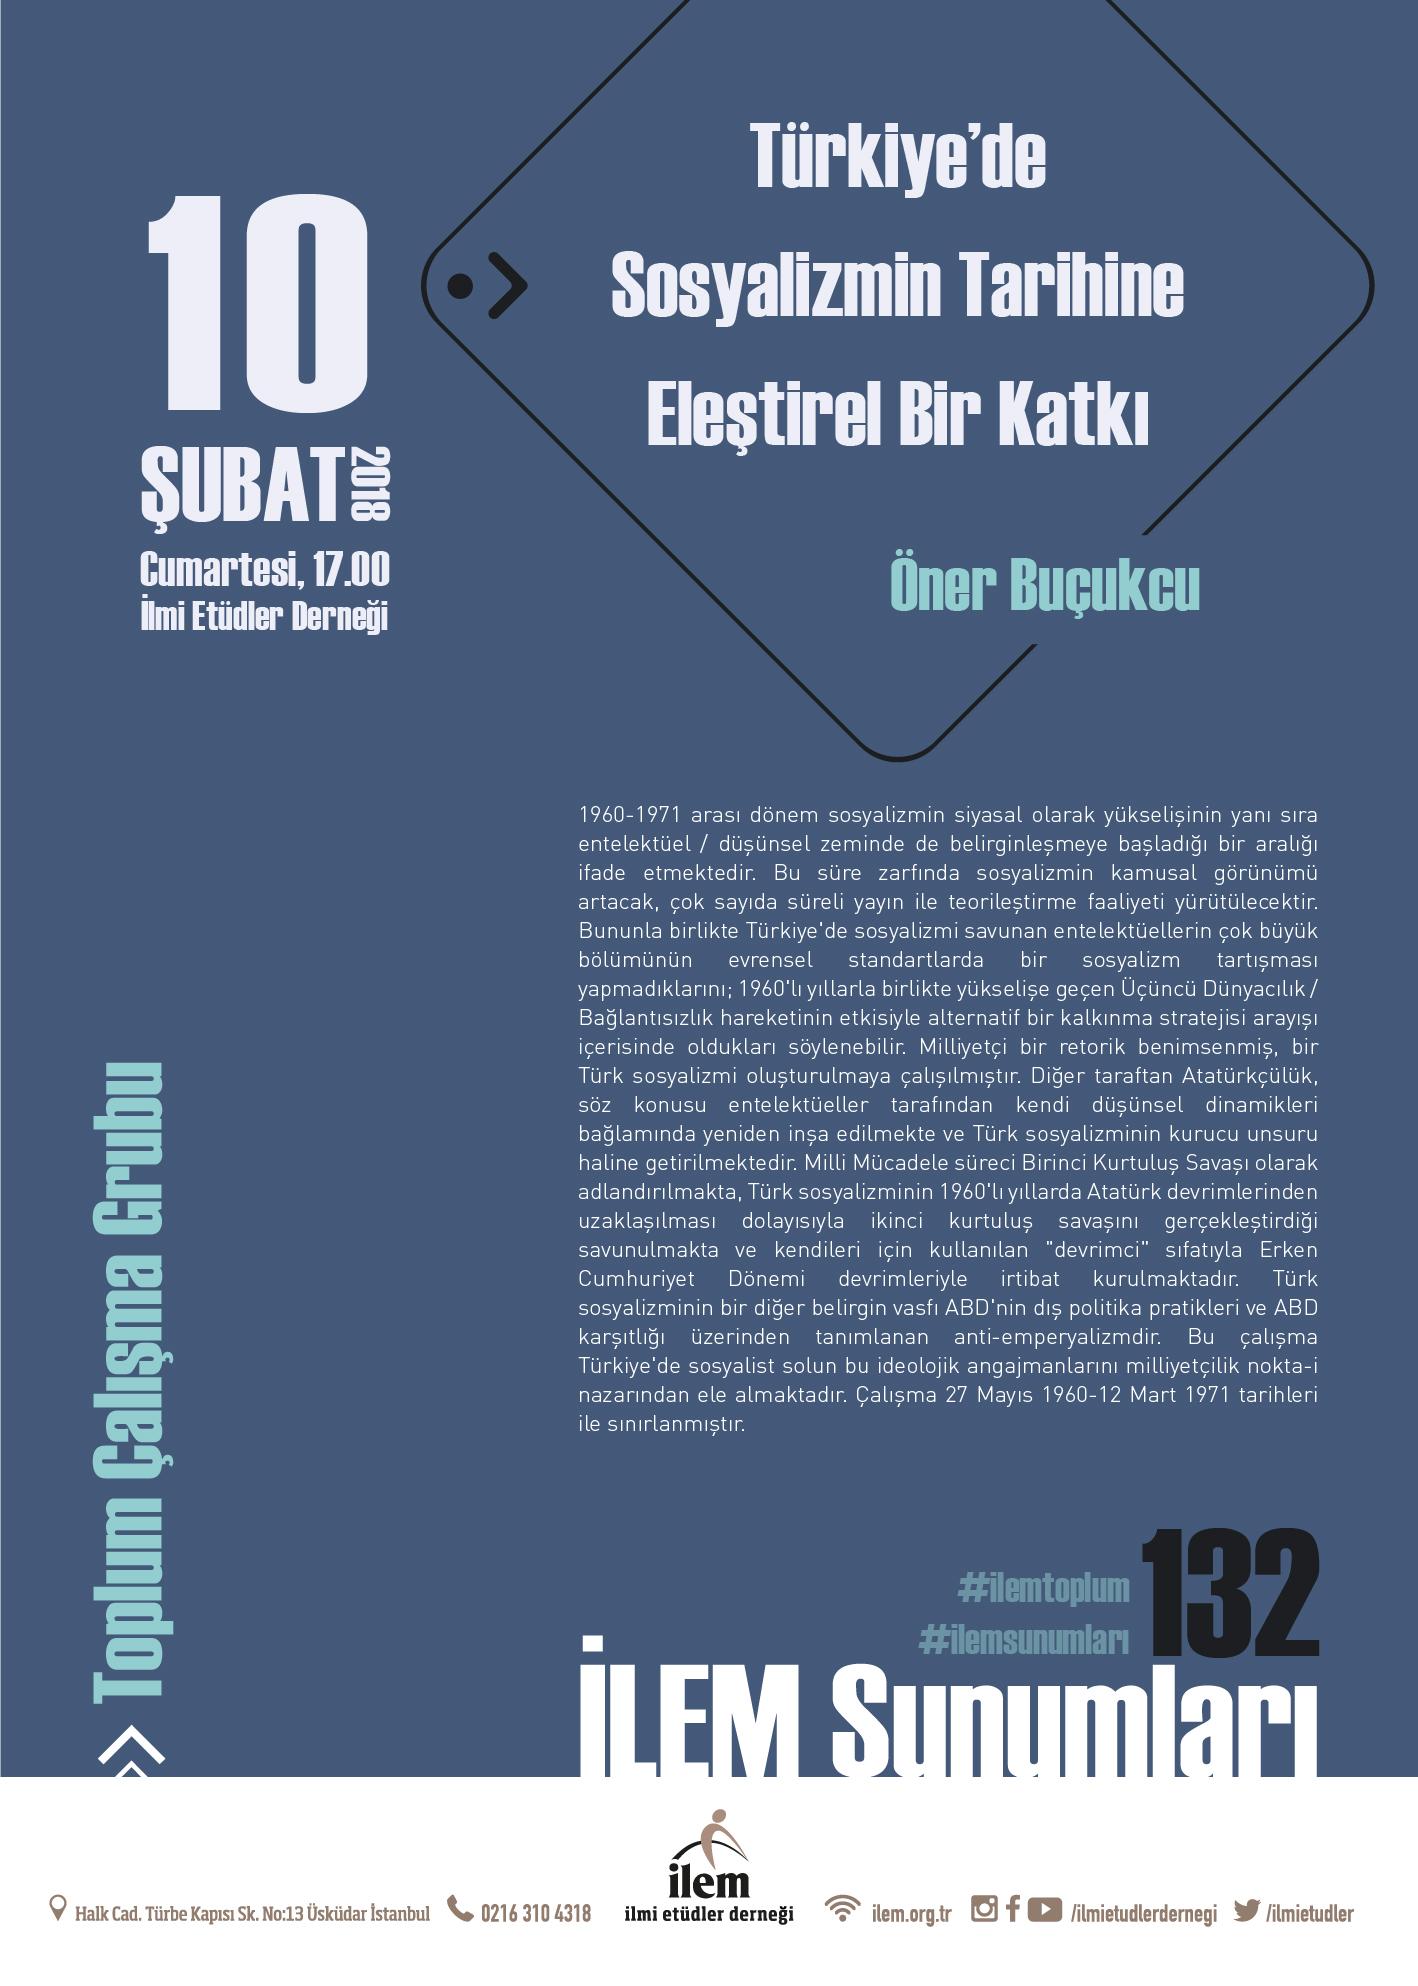 Türkiye'de Sosyalizmin Tarihine Eleştirel Bir Katkı